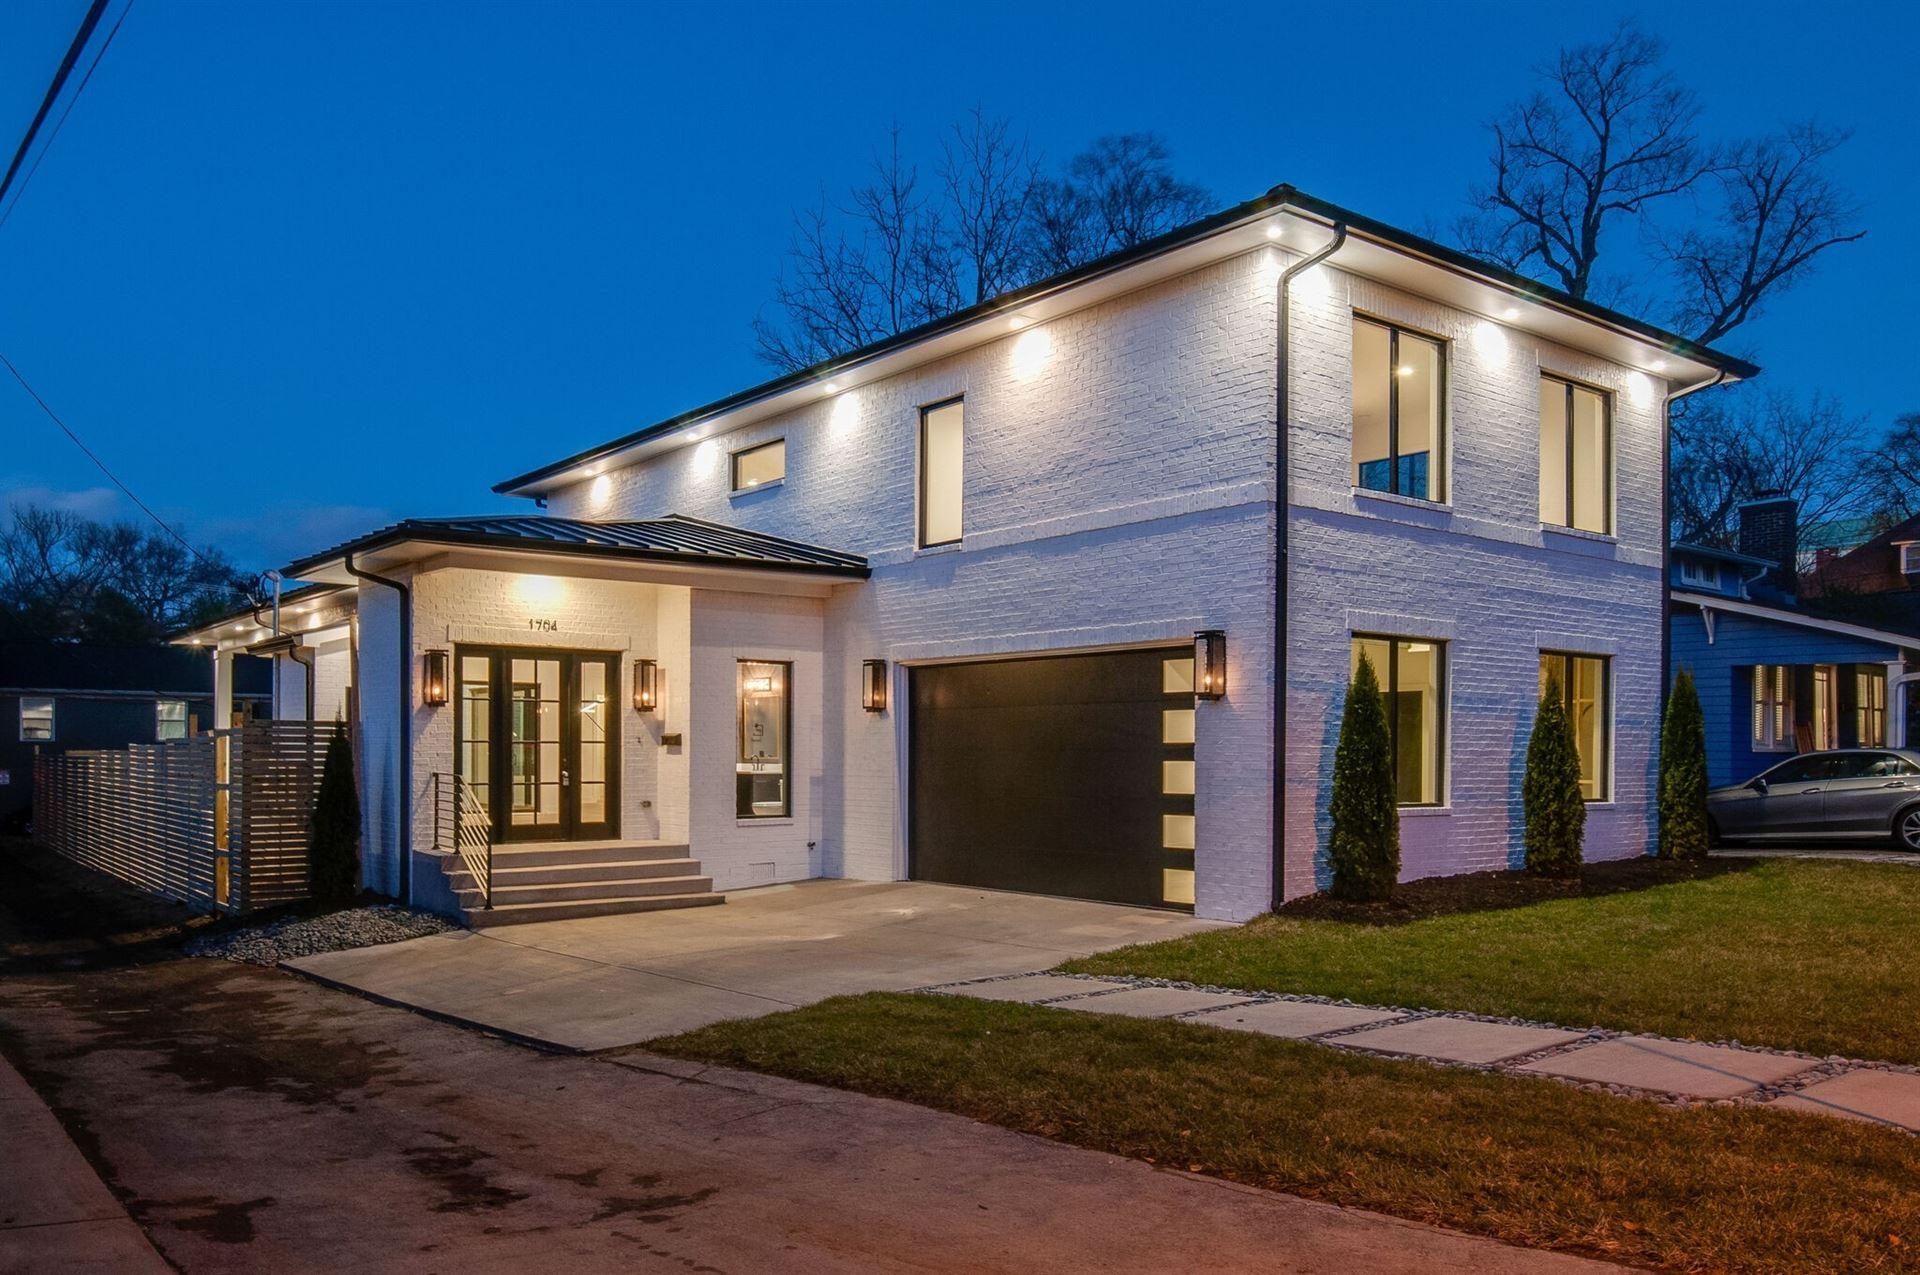 1704 Bernard Ave, Nashville, TN 37212 - MLS#: 2217423